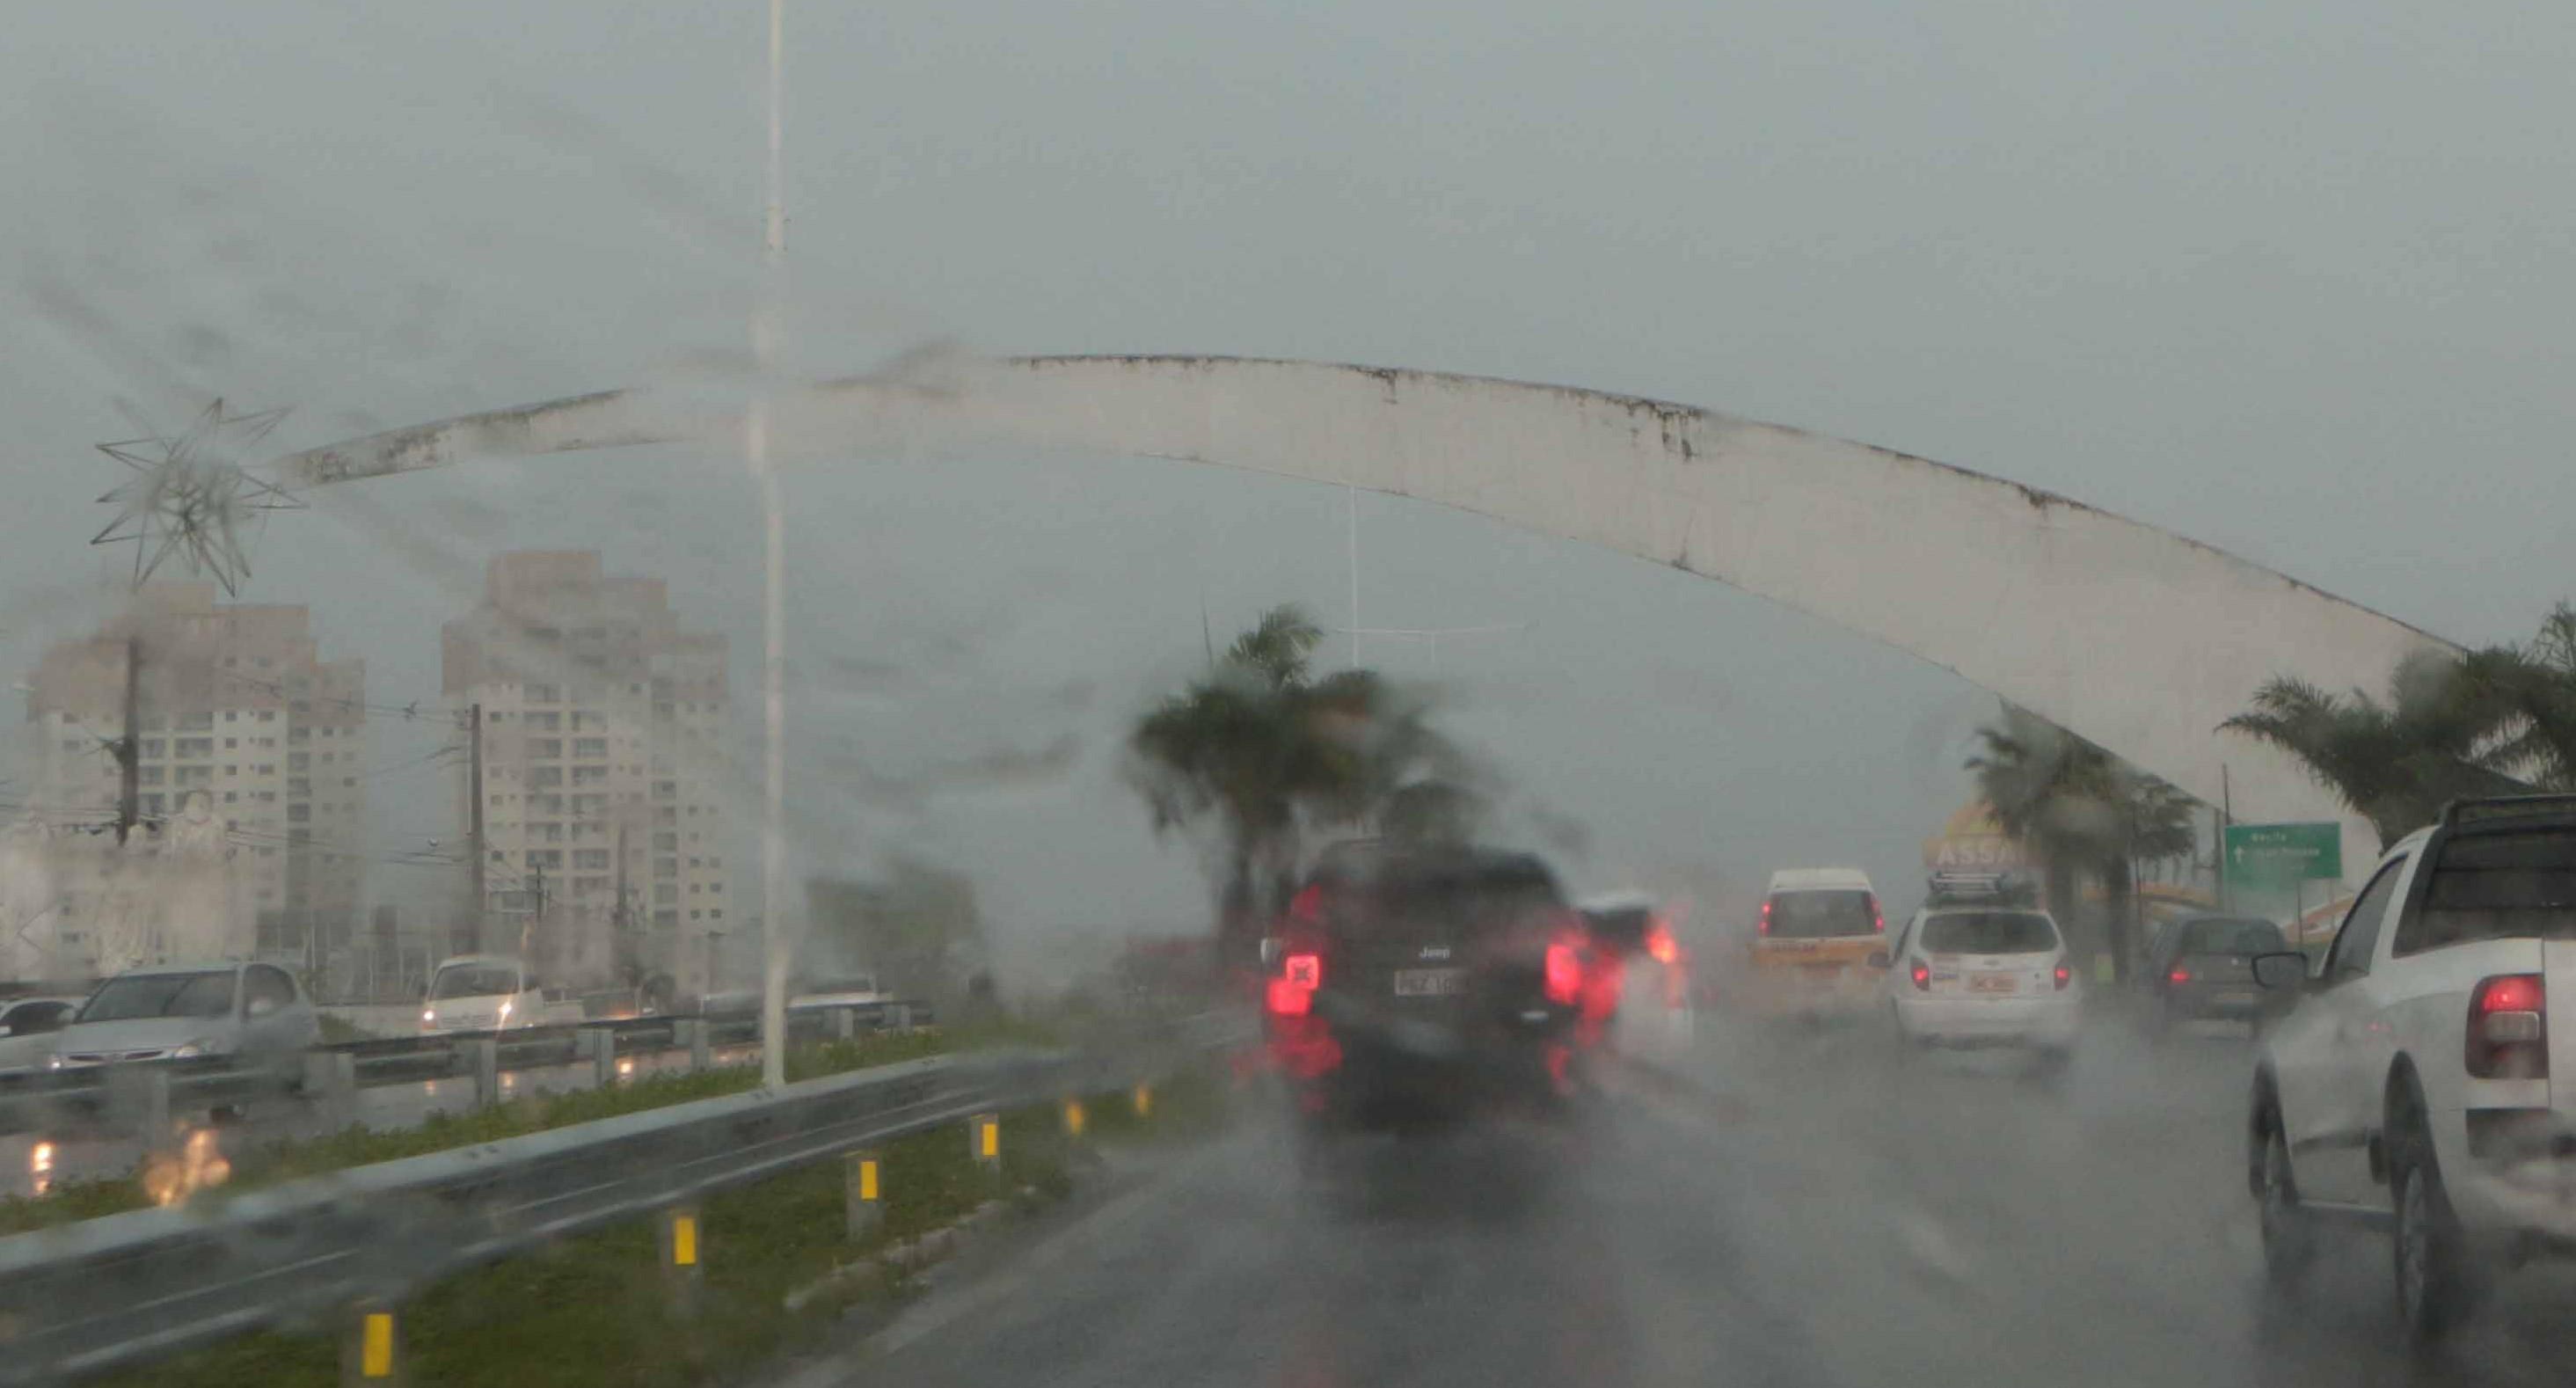 Fortes chuvas são consideradas normais para o período afirma Emparn